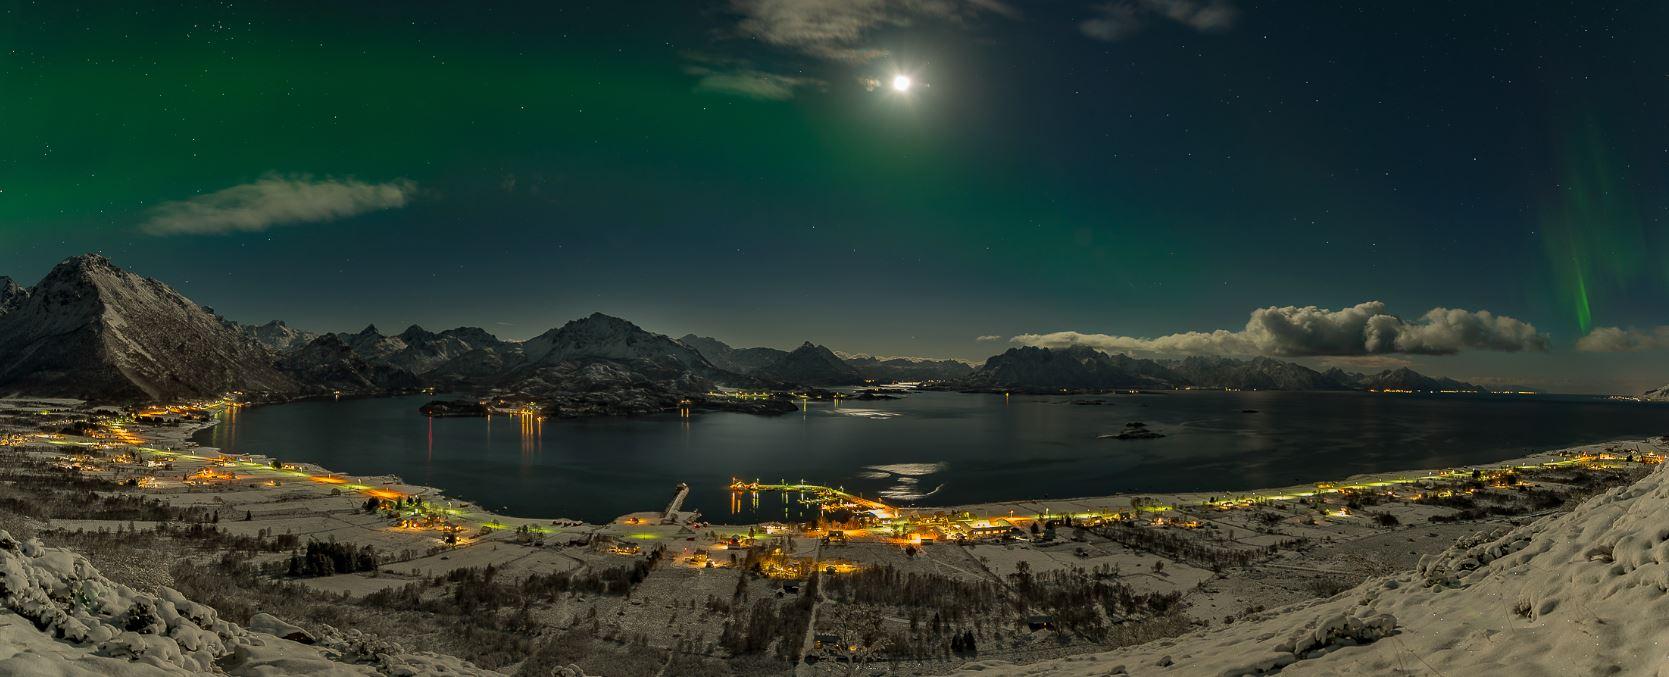 © Kaldjord Havhus, Kaldjord Havhus